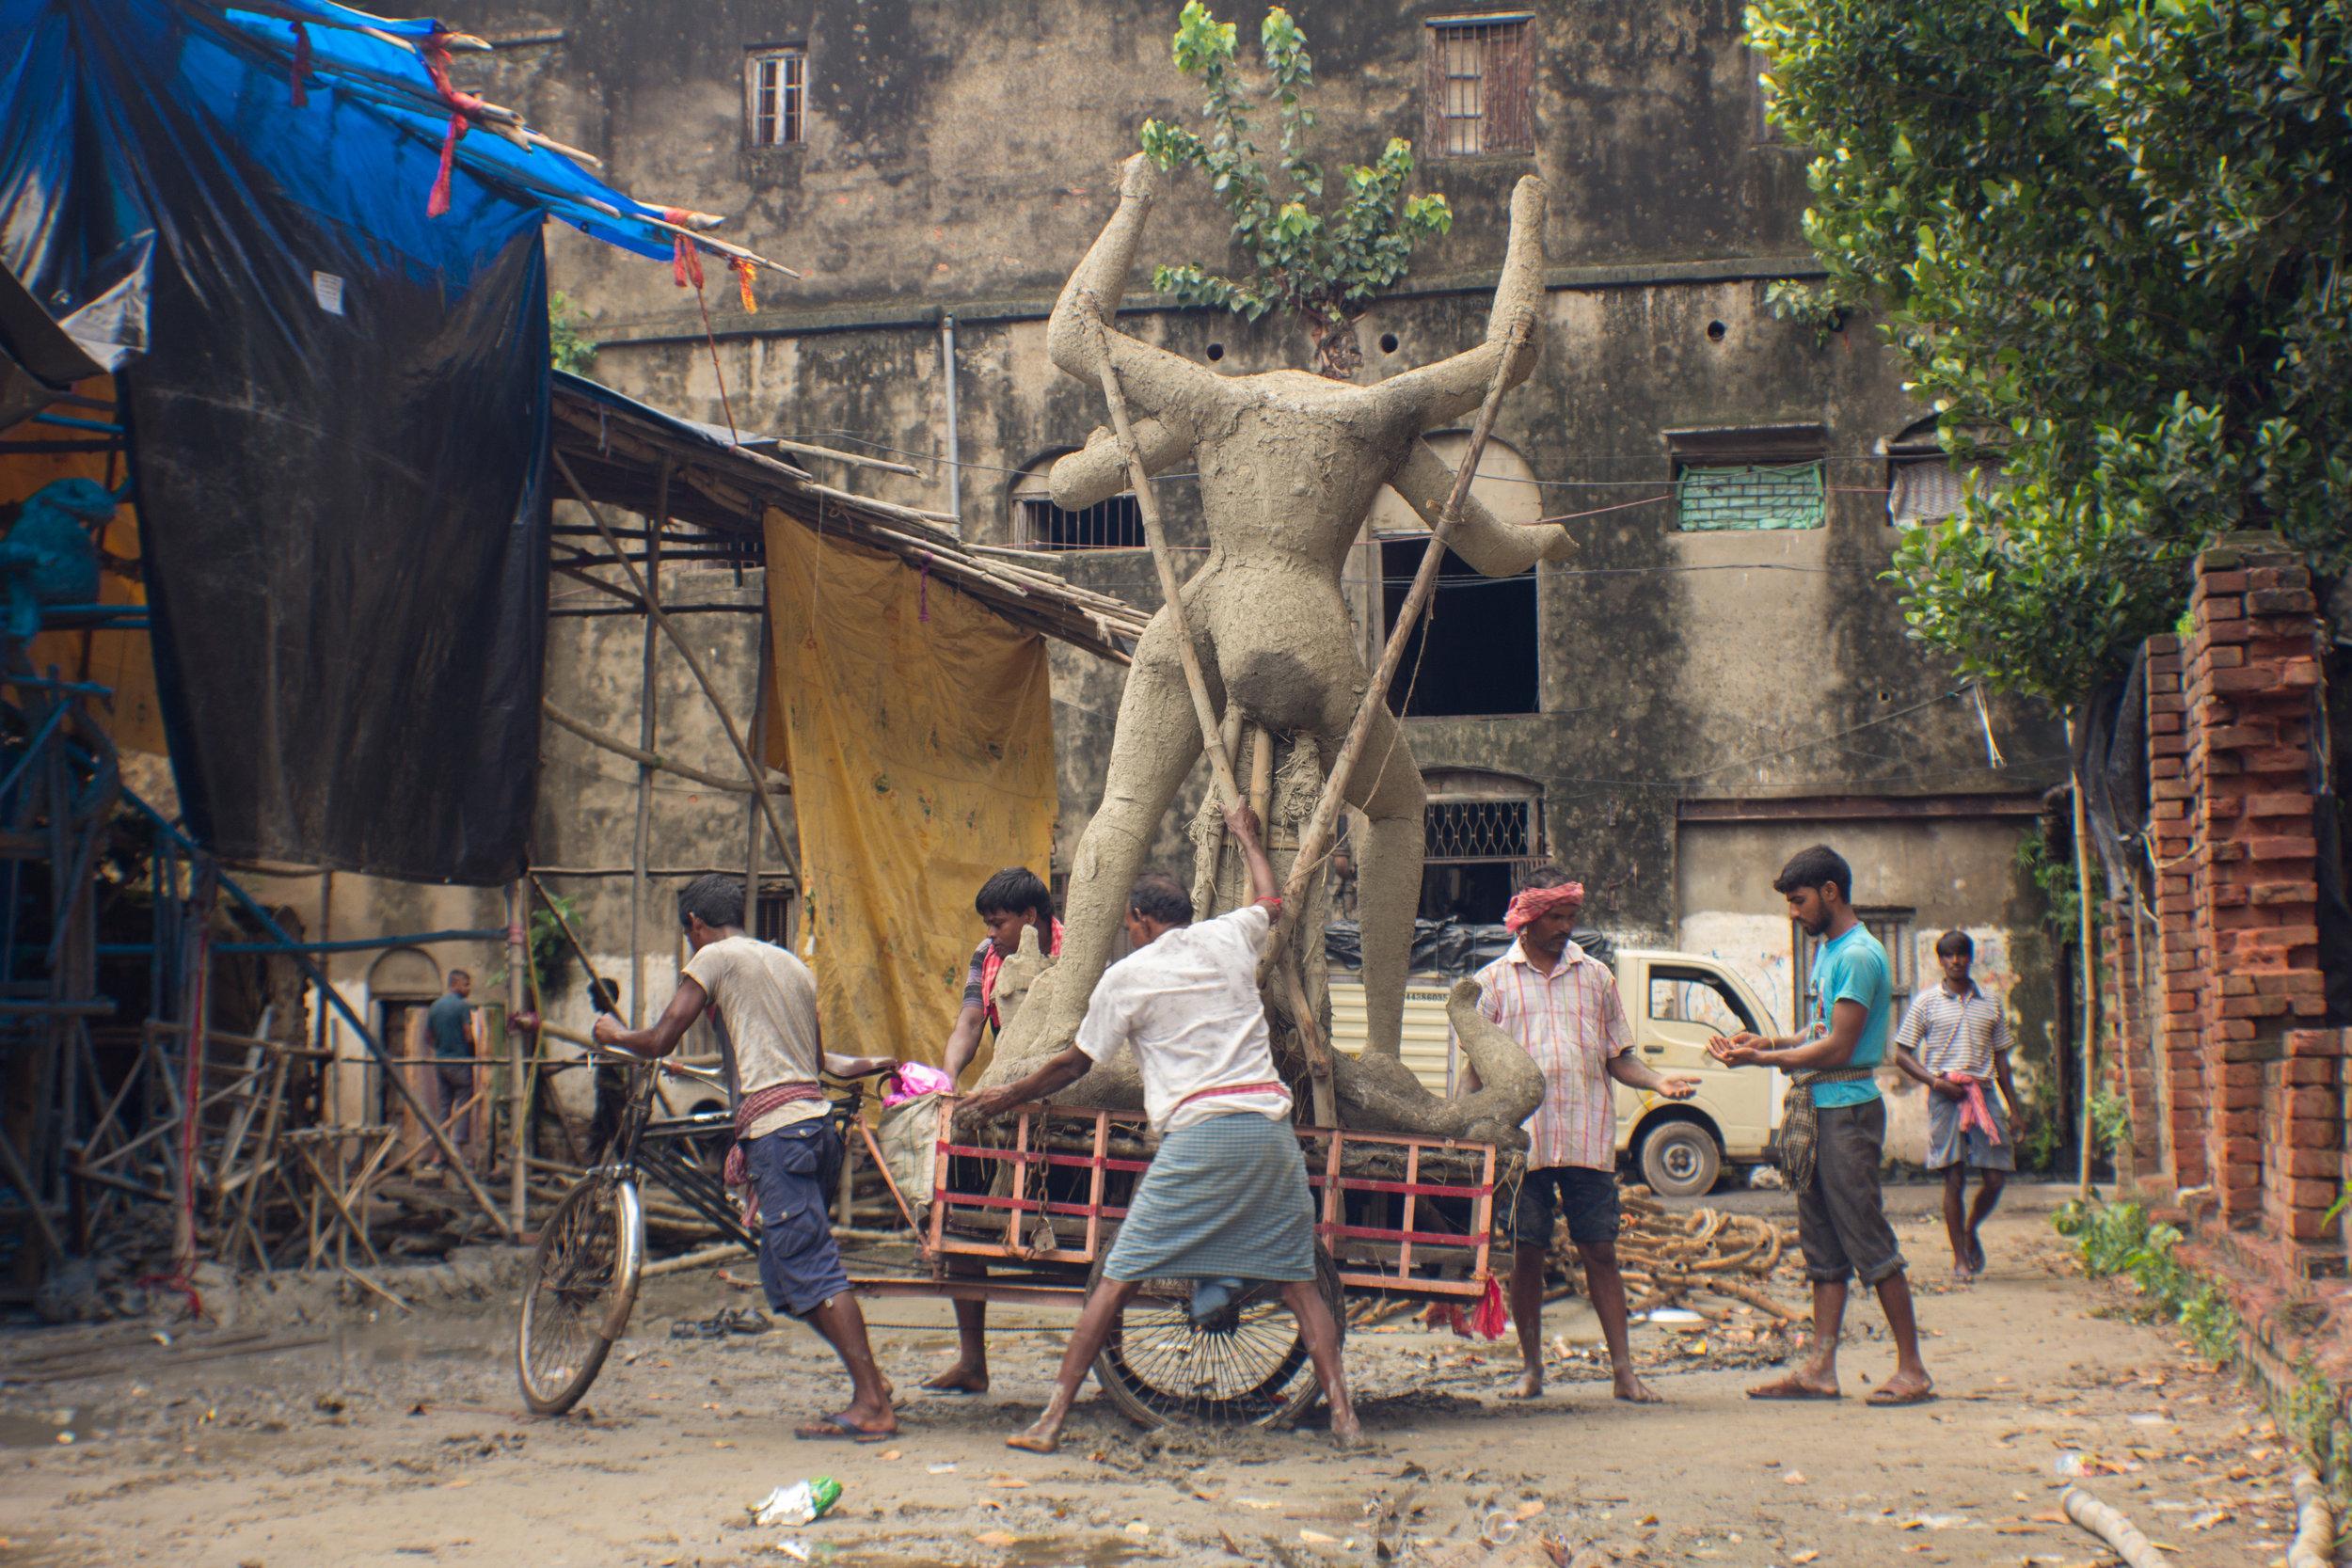 Dalwada vendor, Noida, Uttar Pradesh  General transport (Durga sculpture), Kumortuli, Kolkata